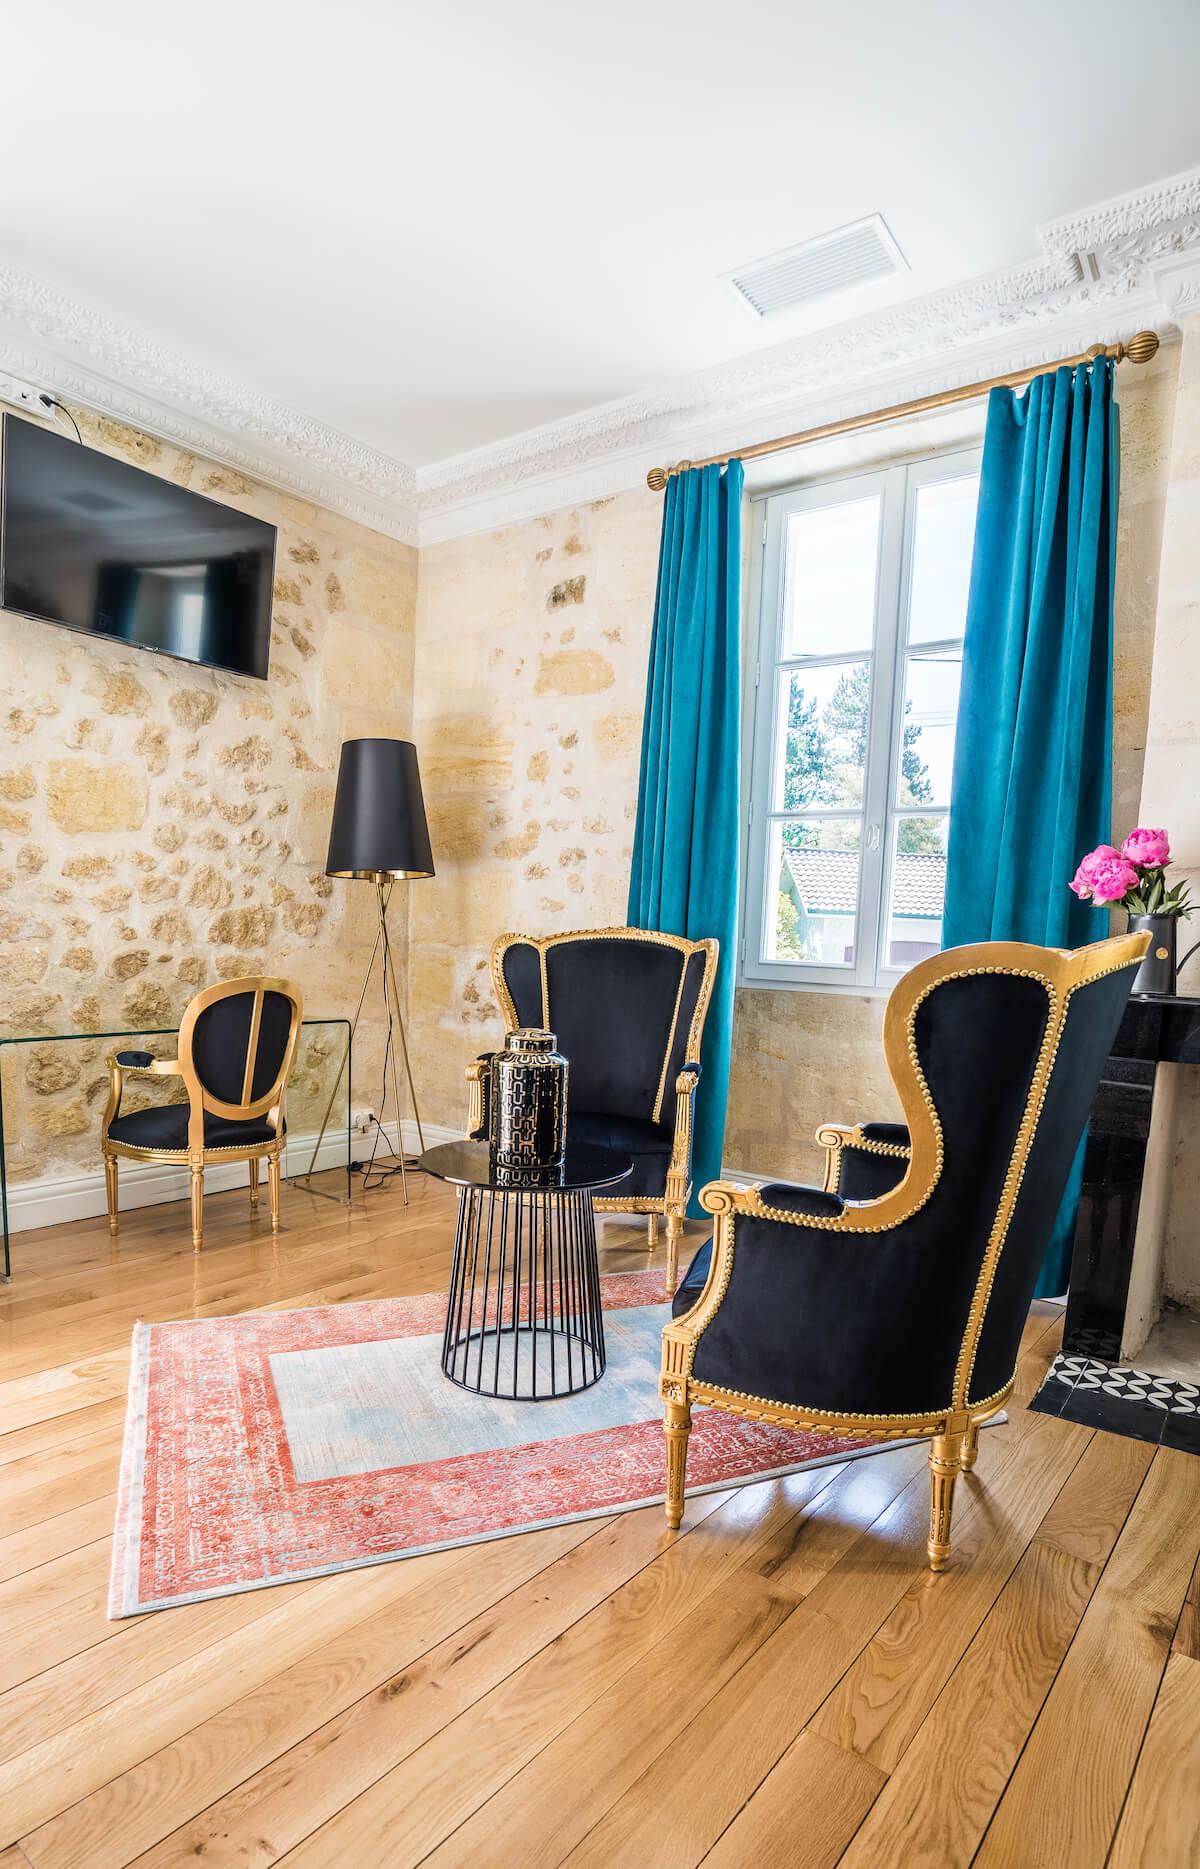 salle de réception château grand arnaud chambres d'hôtes réception et séminaires bordeaux